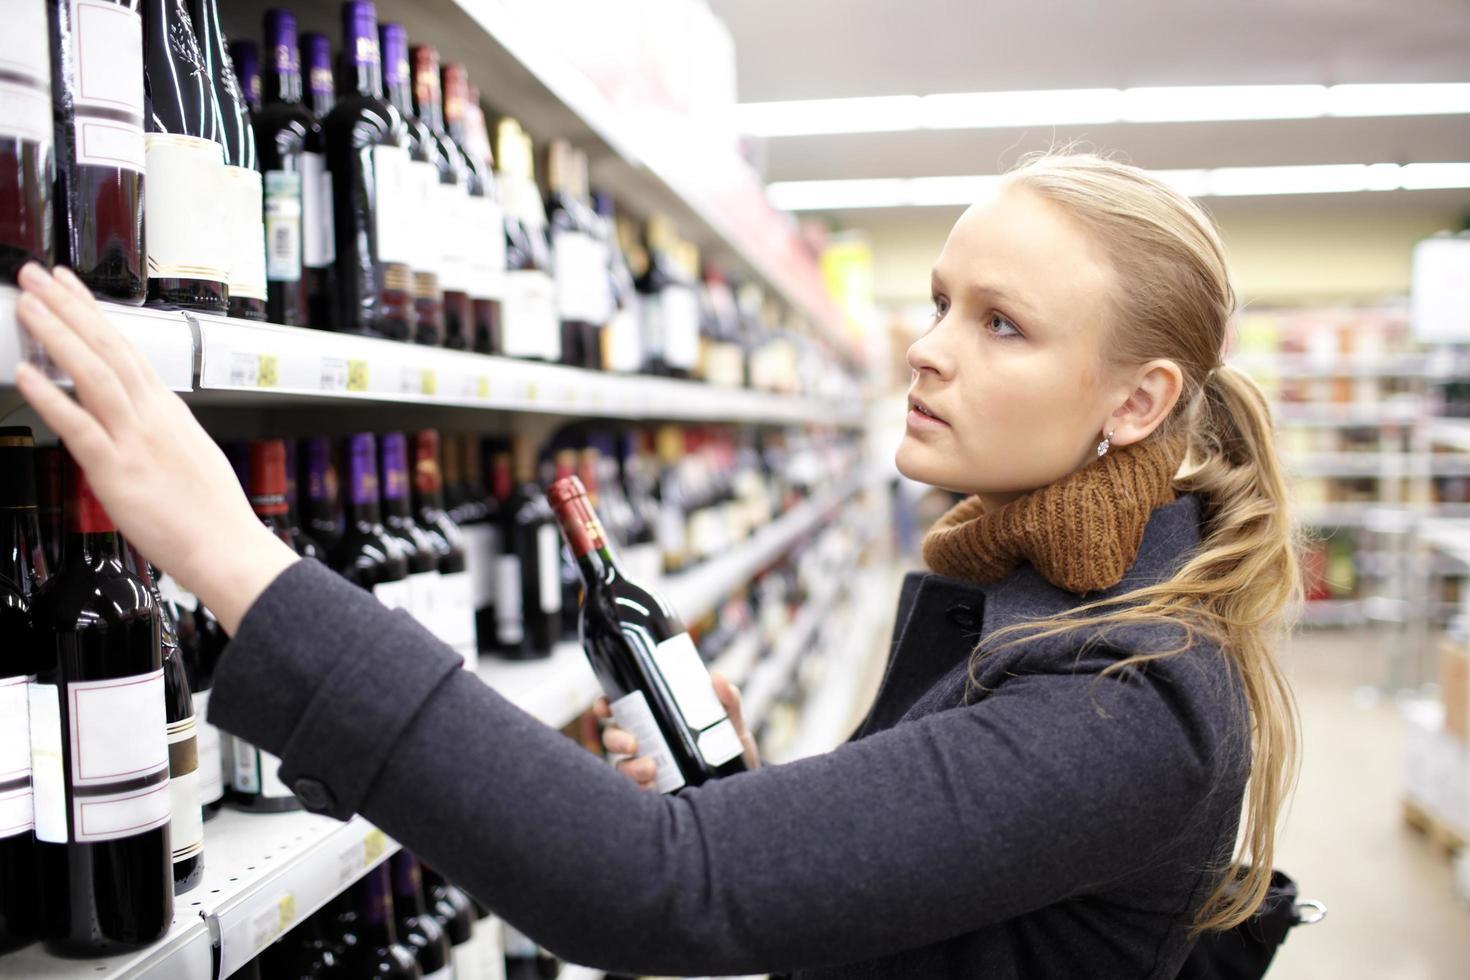 femme shopping pour le vin photo